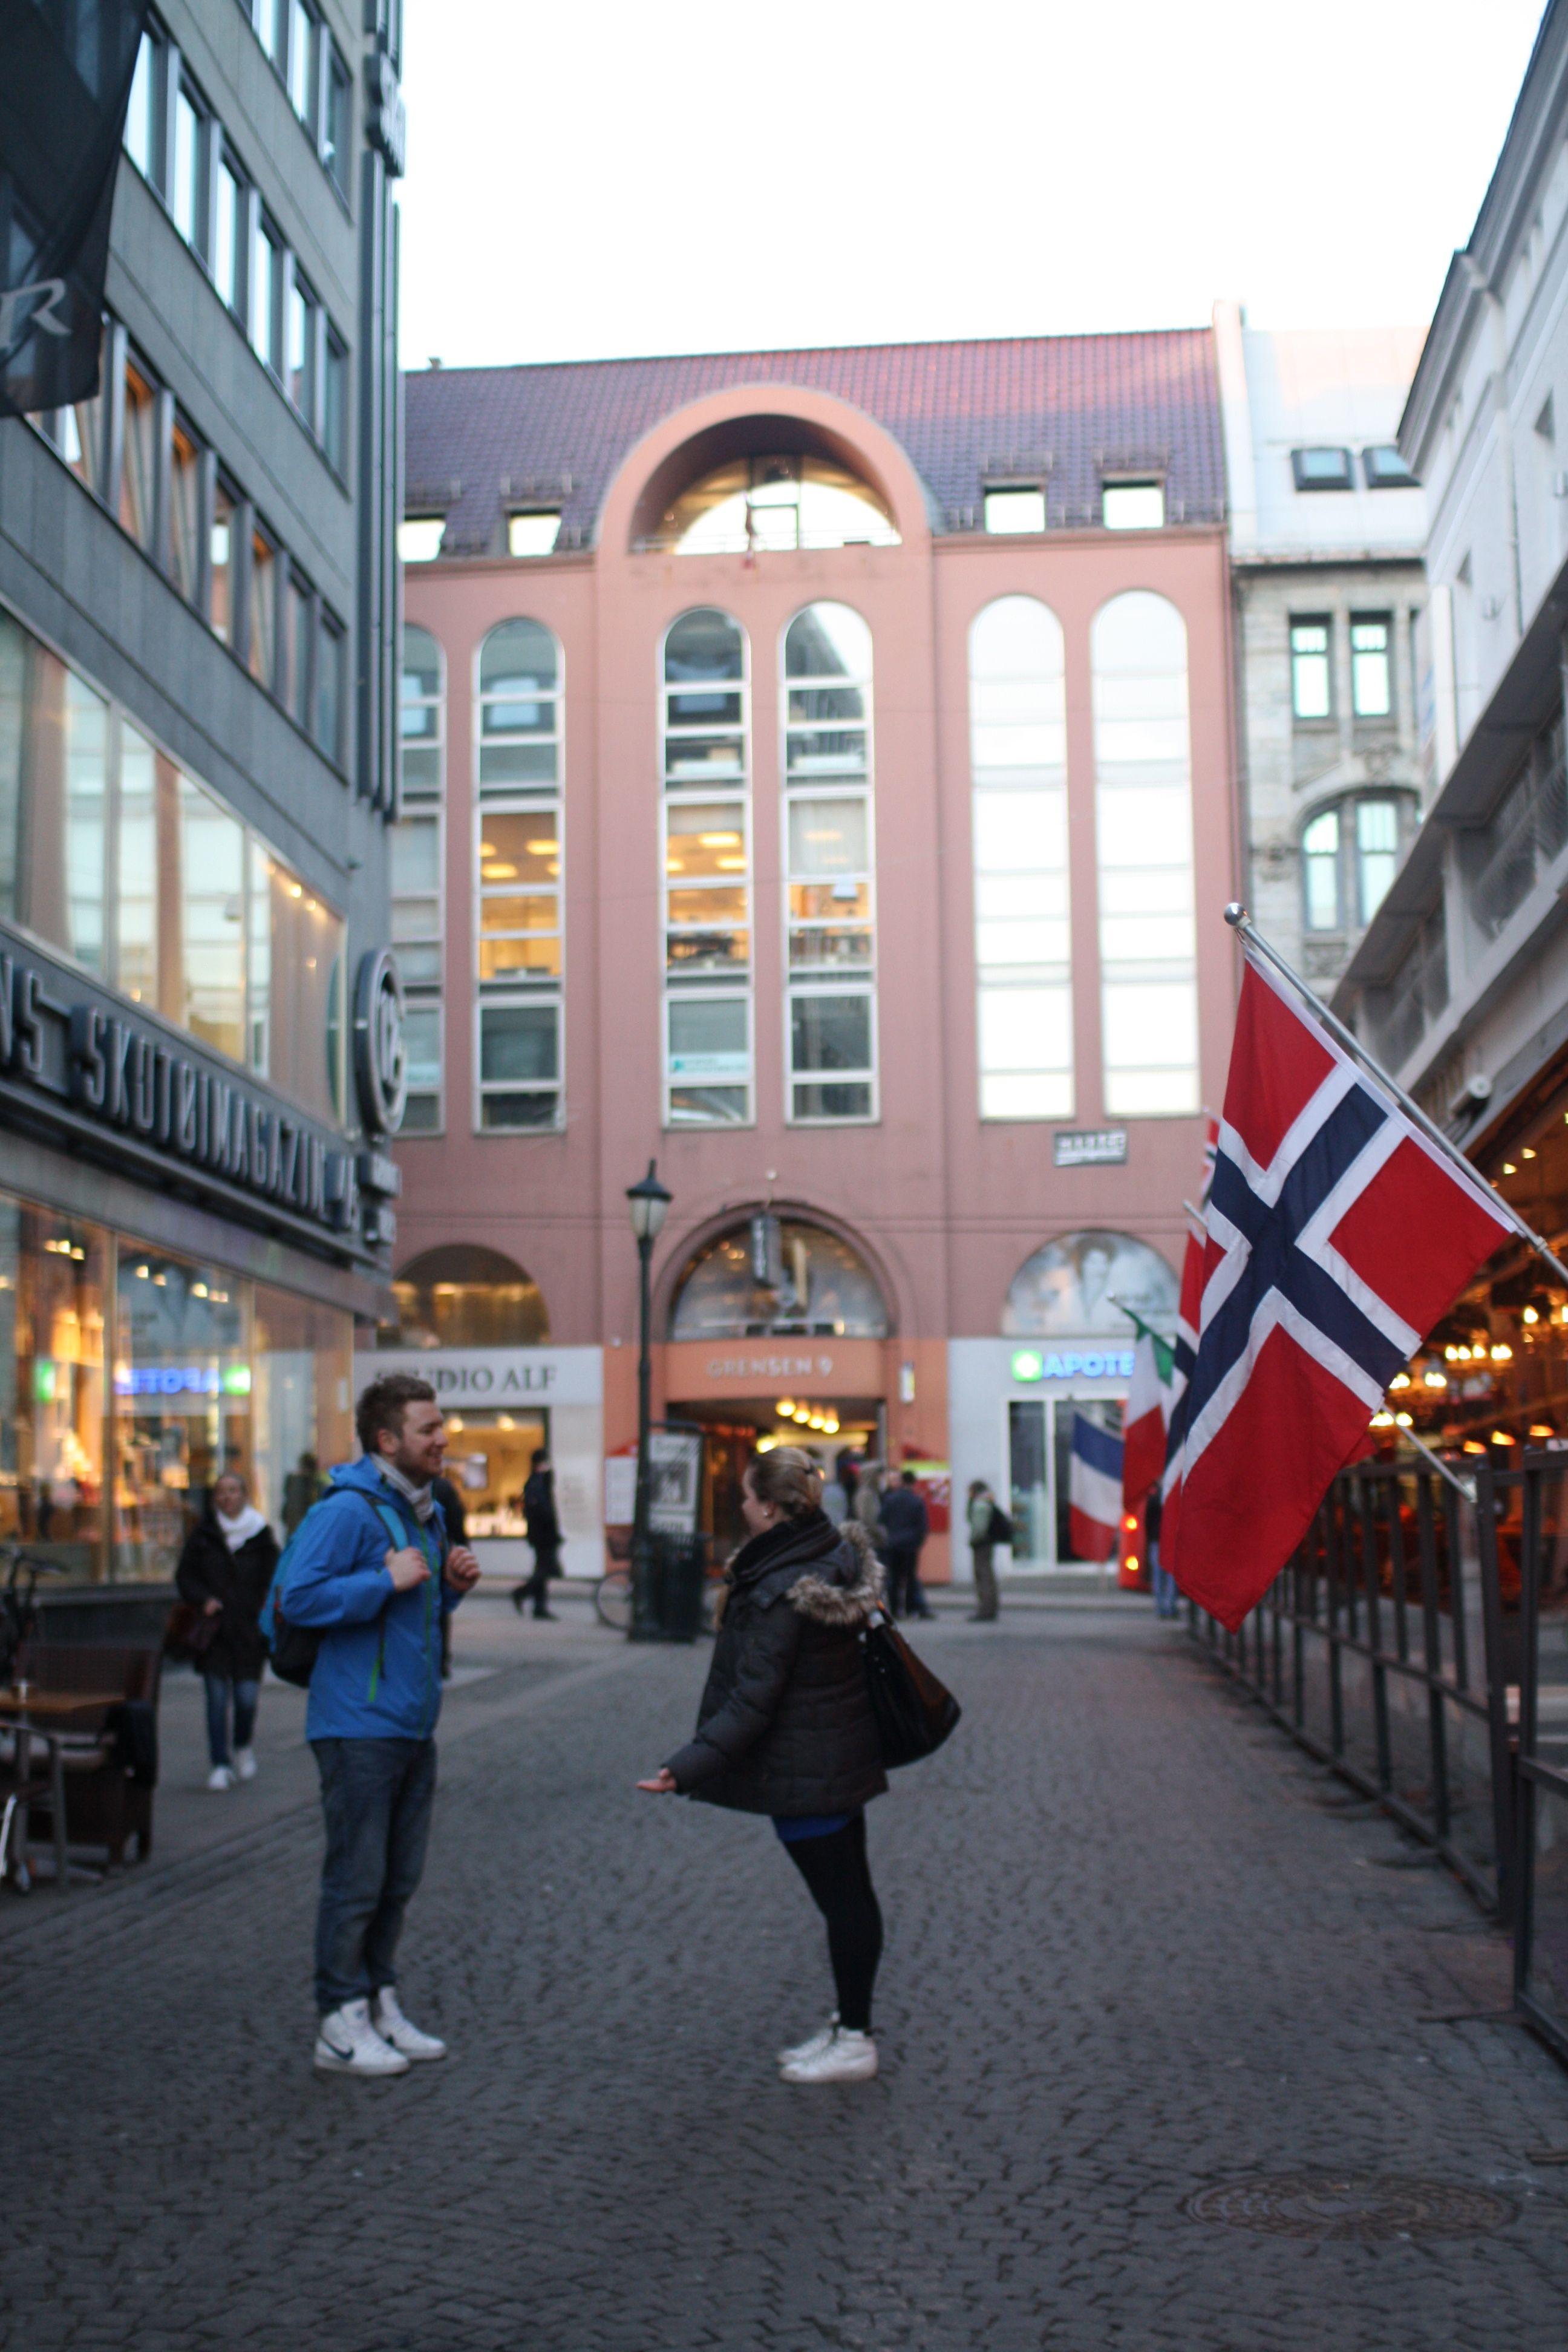 Oslo Sentrum in Oslo, Oslo